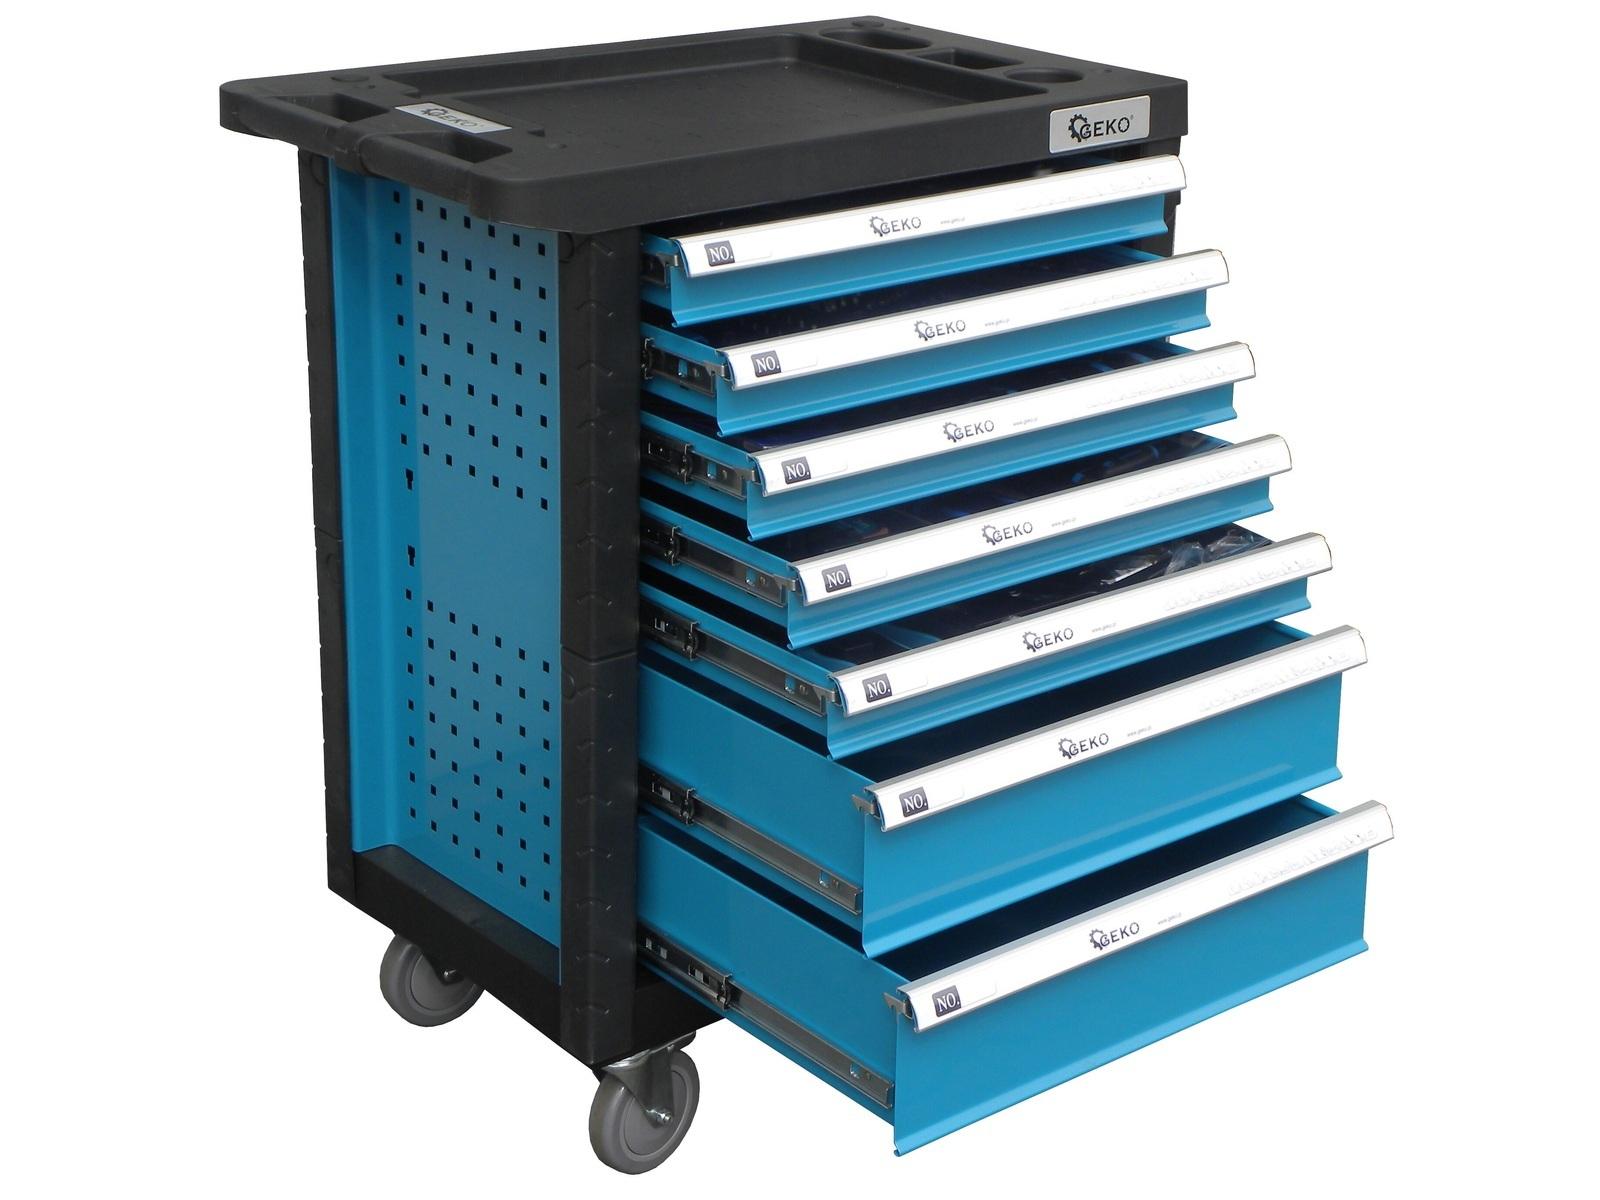 Dílenský montážní vozík, vybavený 272 ks, 7 zásuvek - GEKO G10830